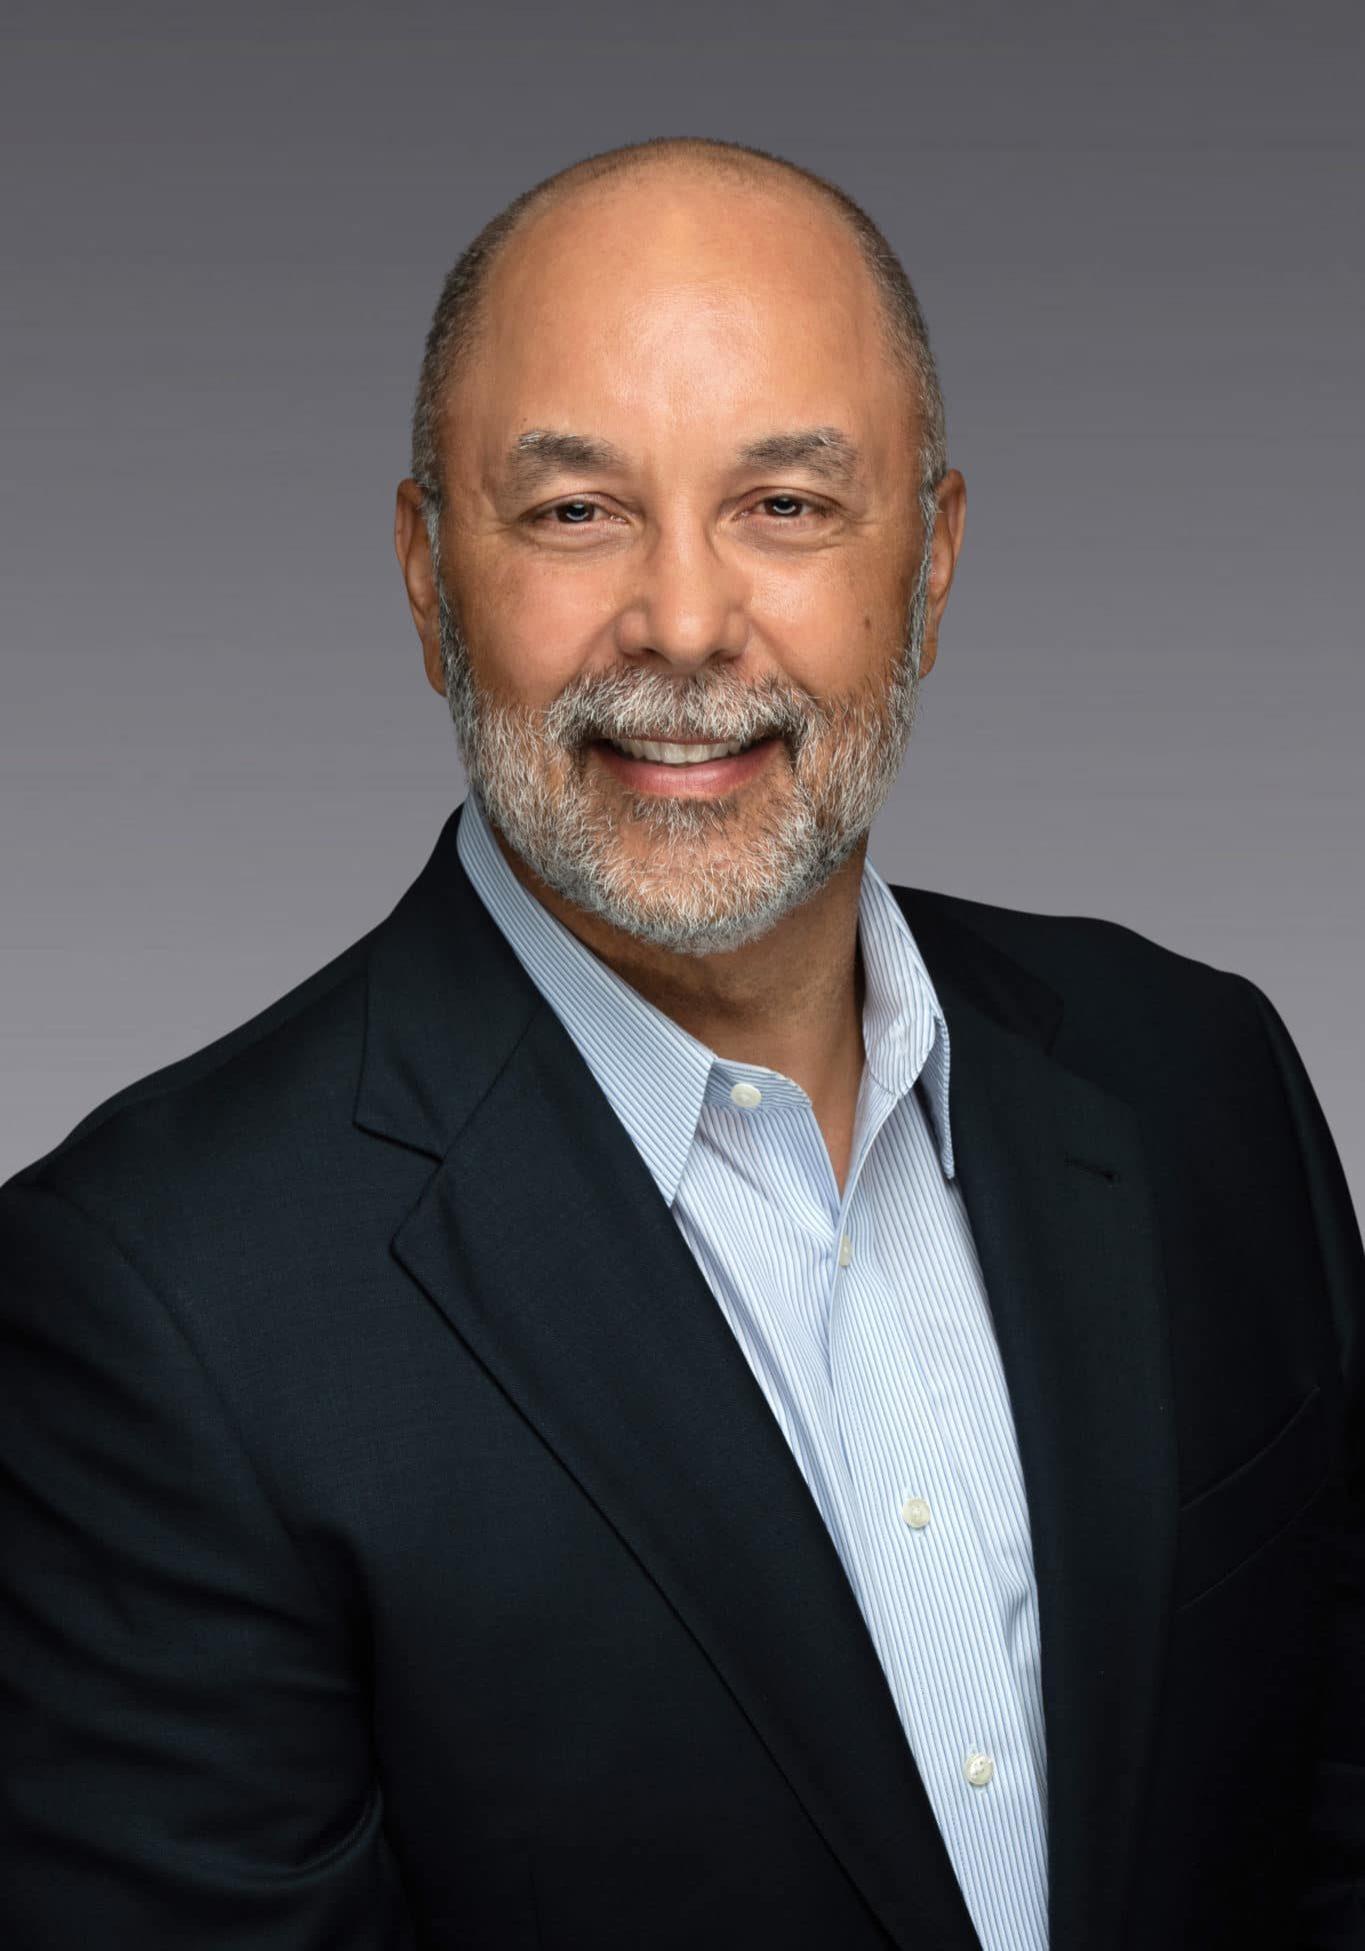 Bill Reynolds, Treasurer